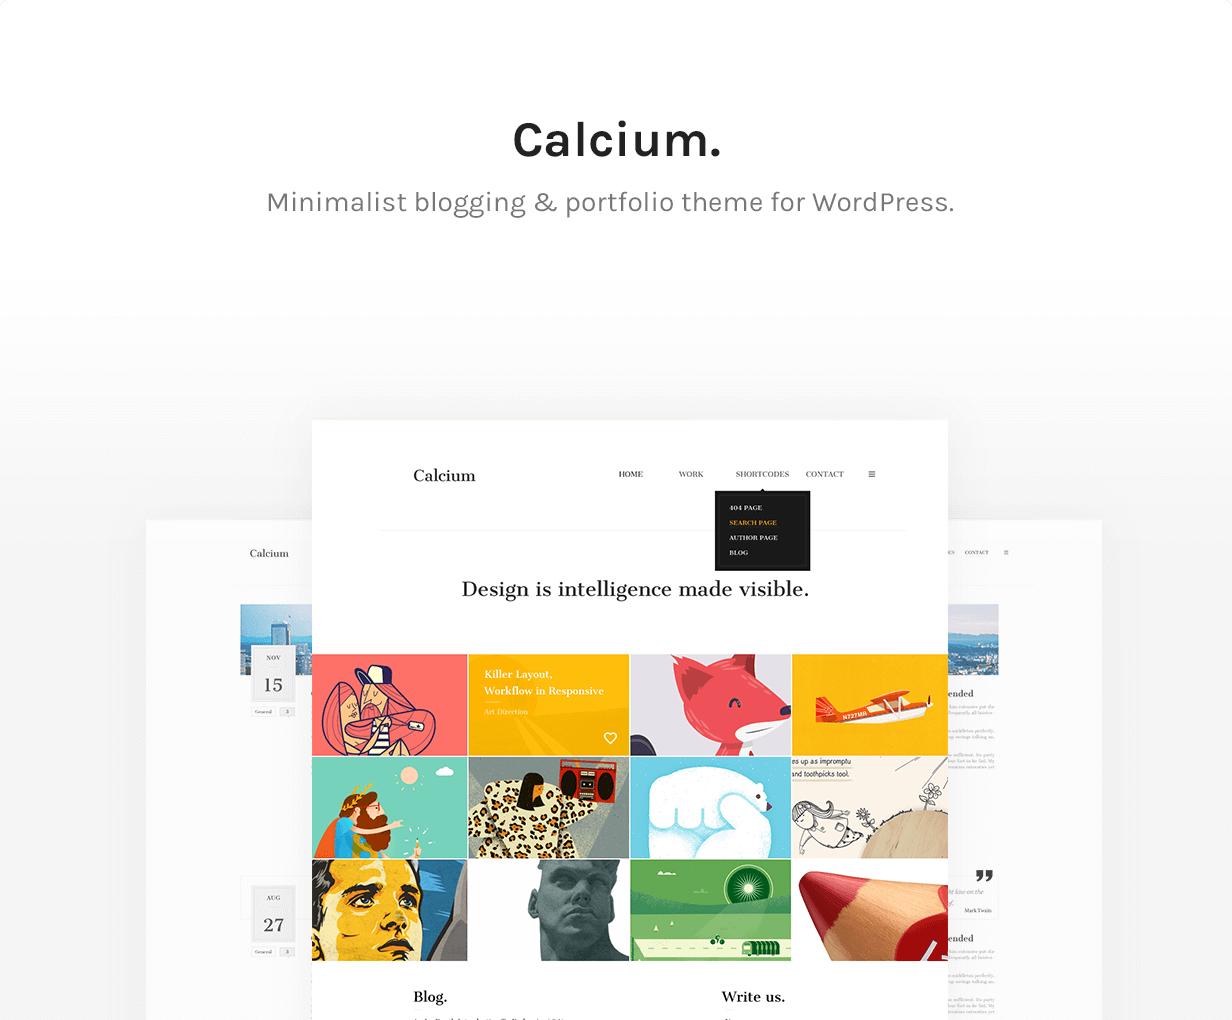 Kalzium - minimalistisches Portfolio & Blogging Layout